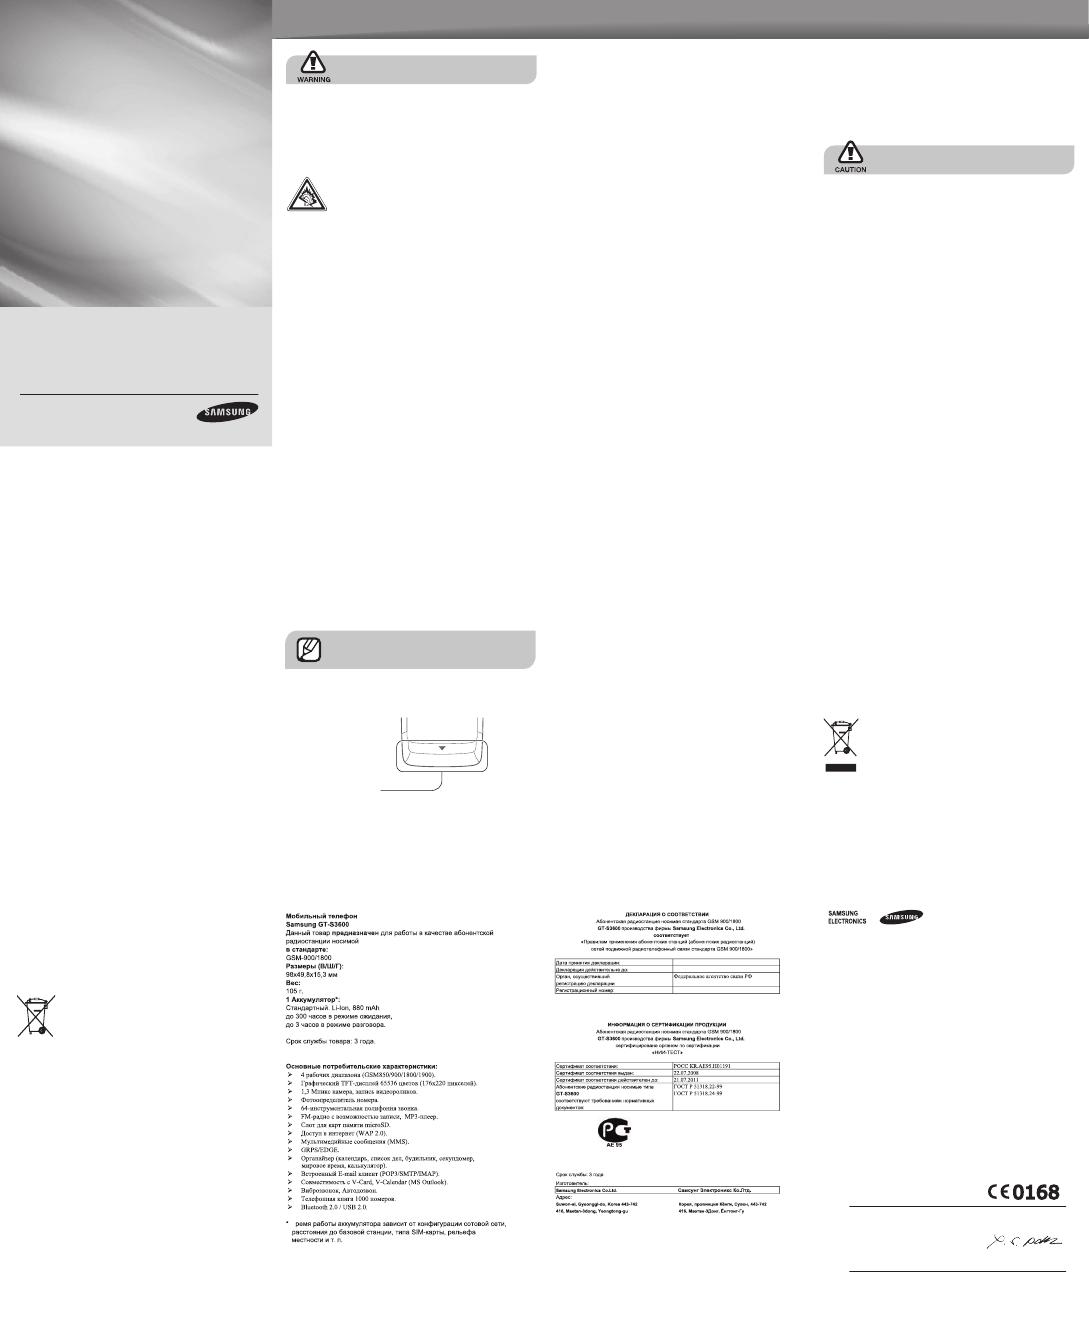 телефон самсунг gt s3600i инструкция громкая связь скачать